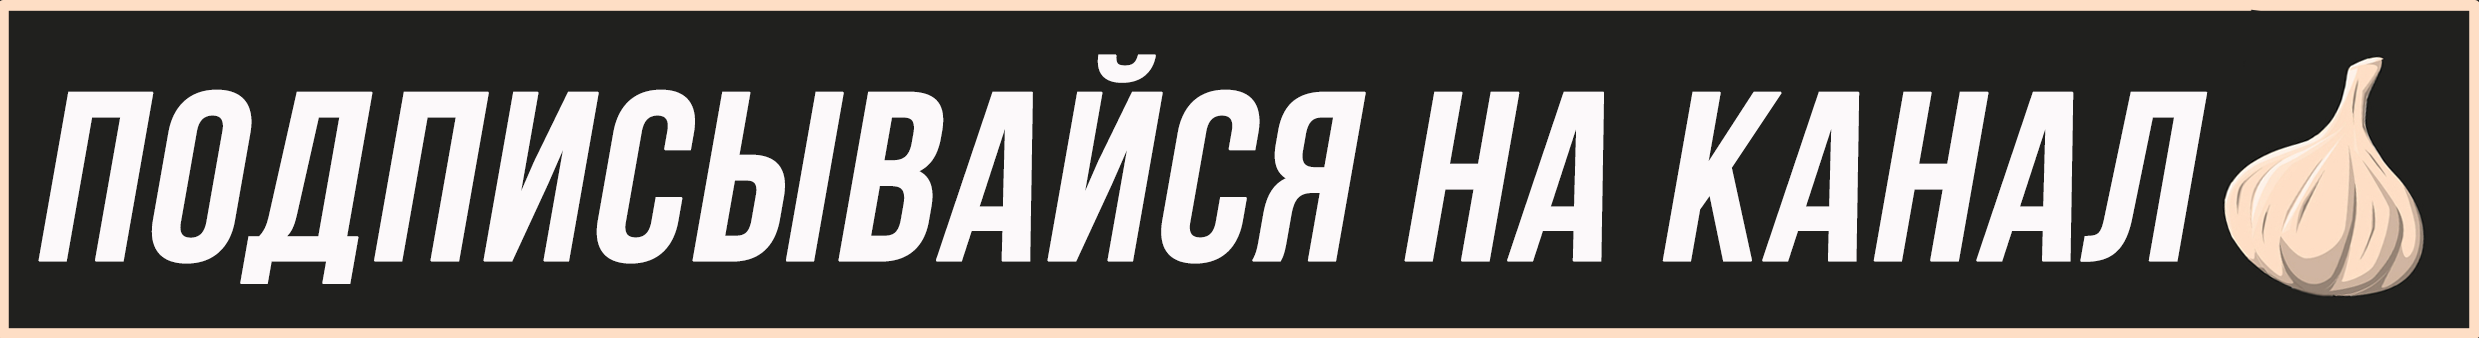 Анатолий Капский, БАТЭ, Артем Милевский, Кубок Беларуси, АБФФ, высшая лига Беларусь, Кирилл Альшевский, Егор Филипенко, Андрей Капский, Владимир Базанов, Динамо Брест